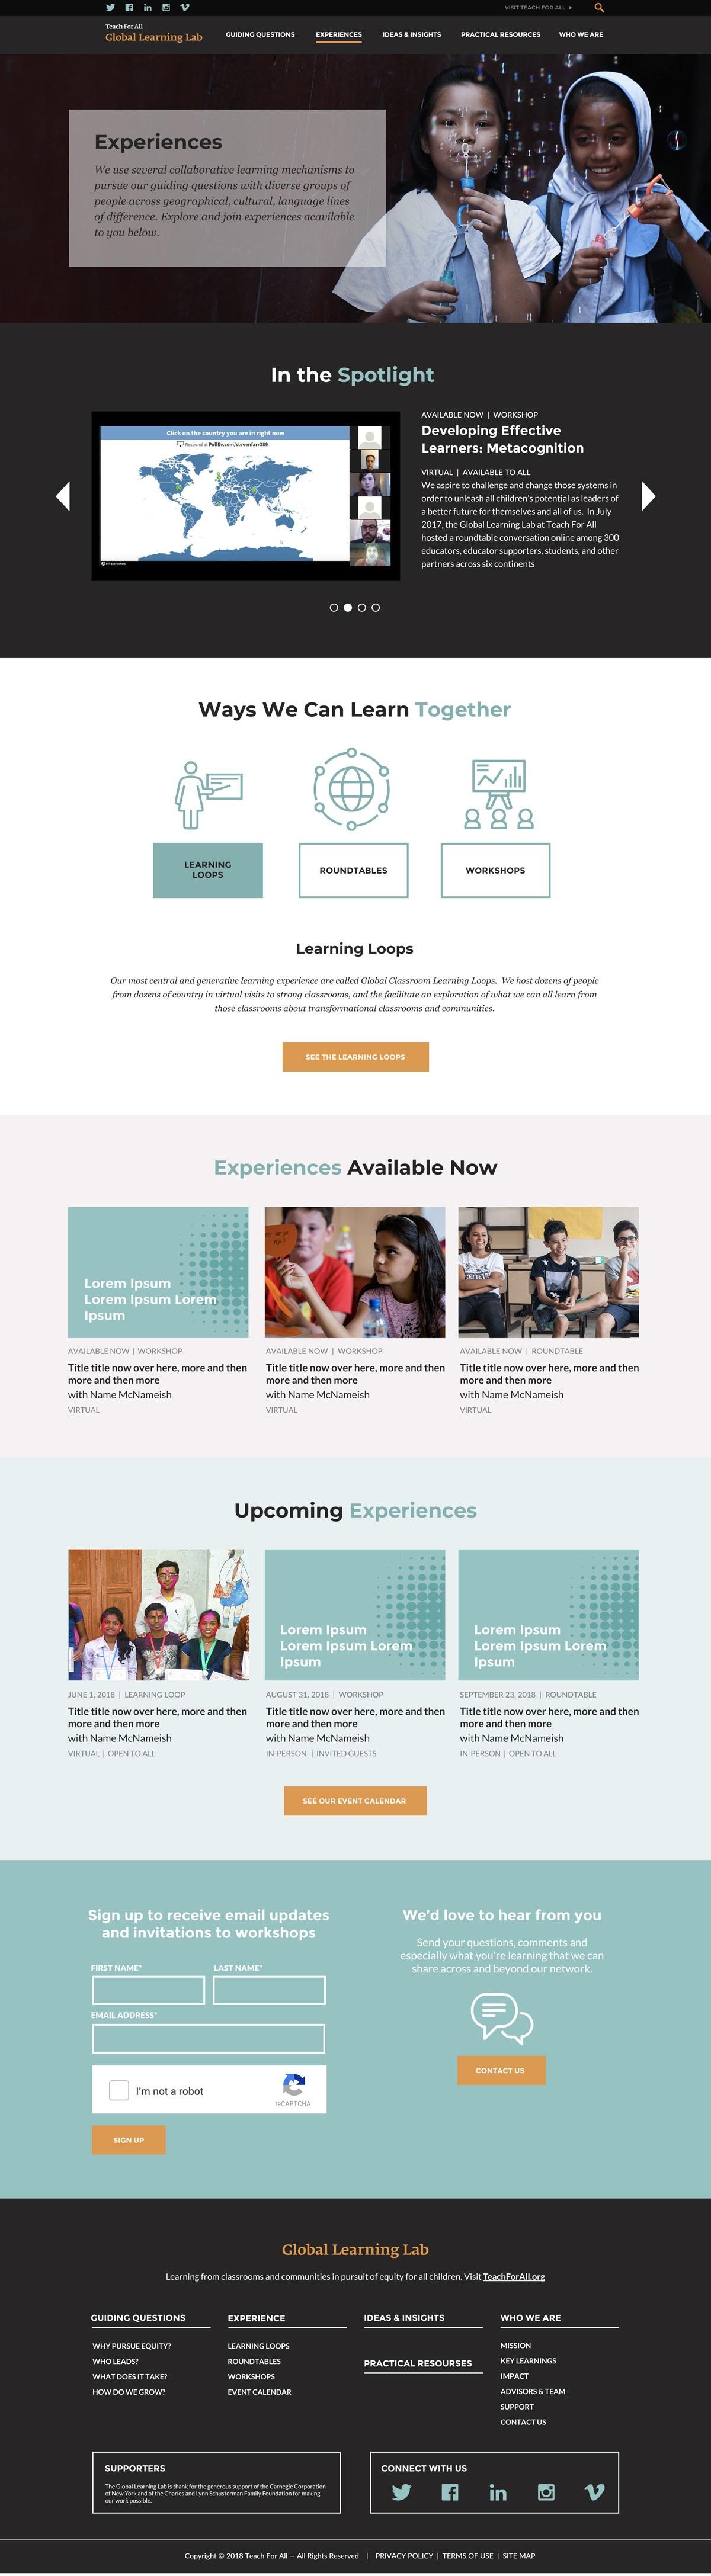 tfa_GLL_Experiences_open_04.jpg